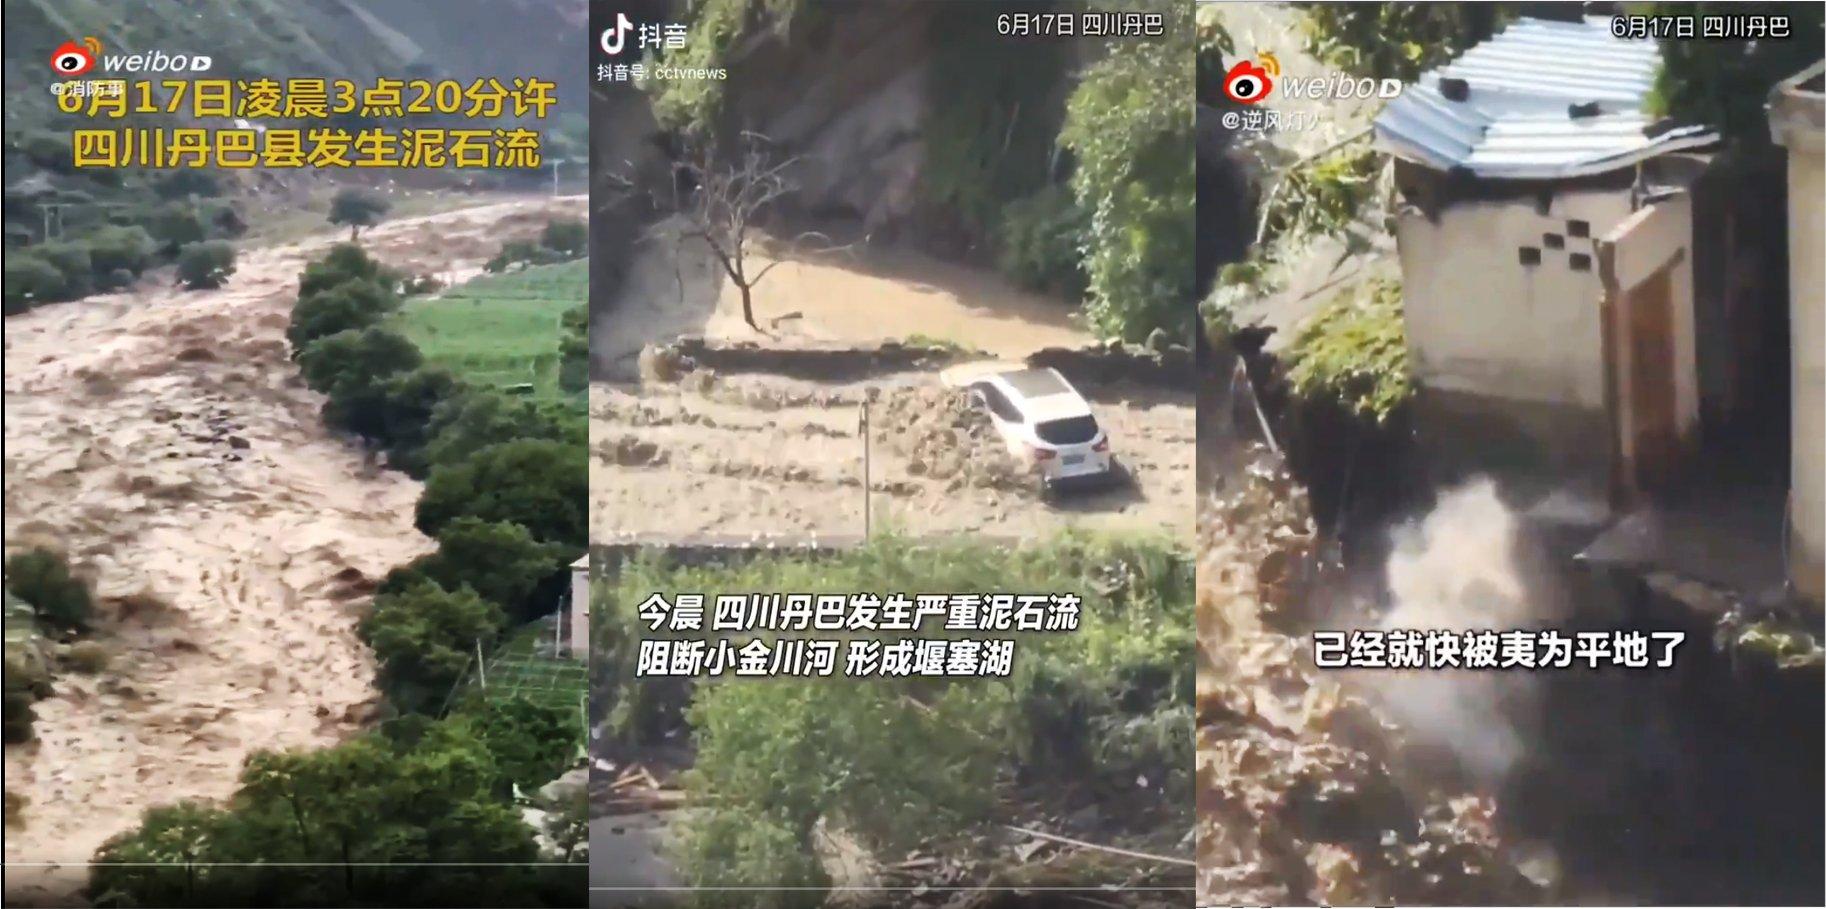 6月17號下午,四川丹巴縣半扇門鎮梅龍溝發生泥石流,水流奔襲沖毀沿途村莊(大紀元合成)